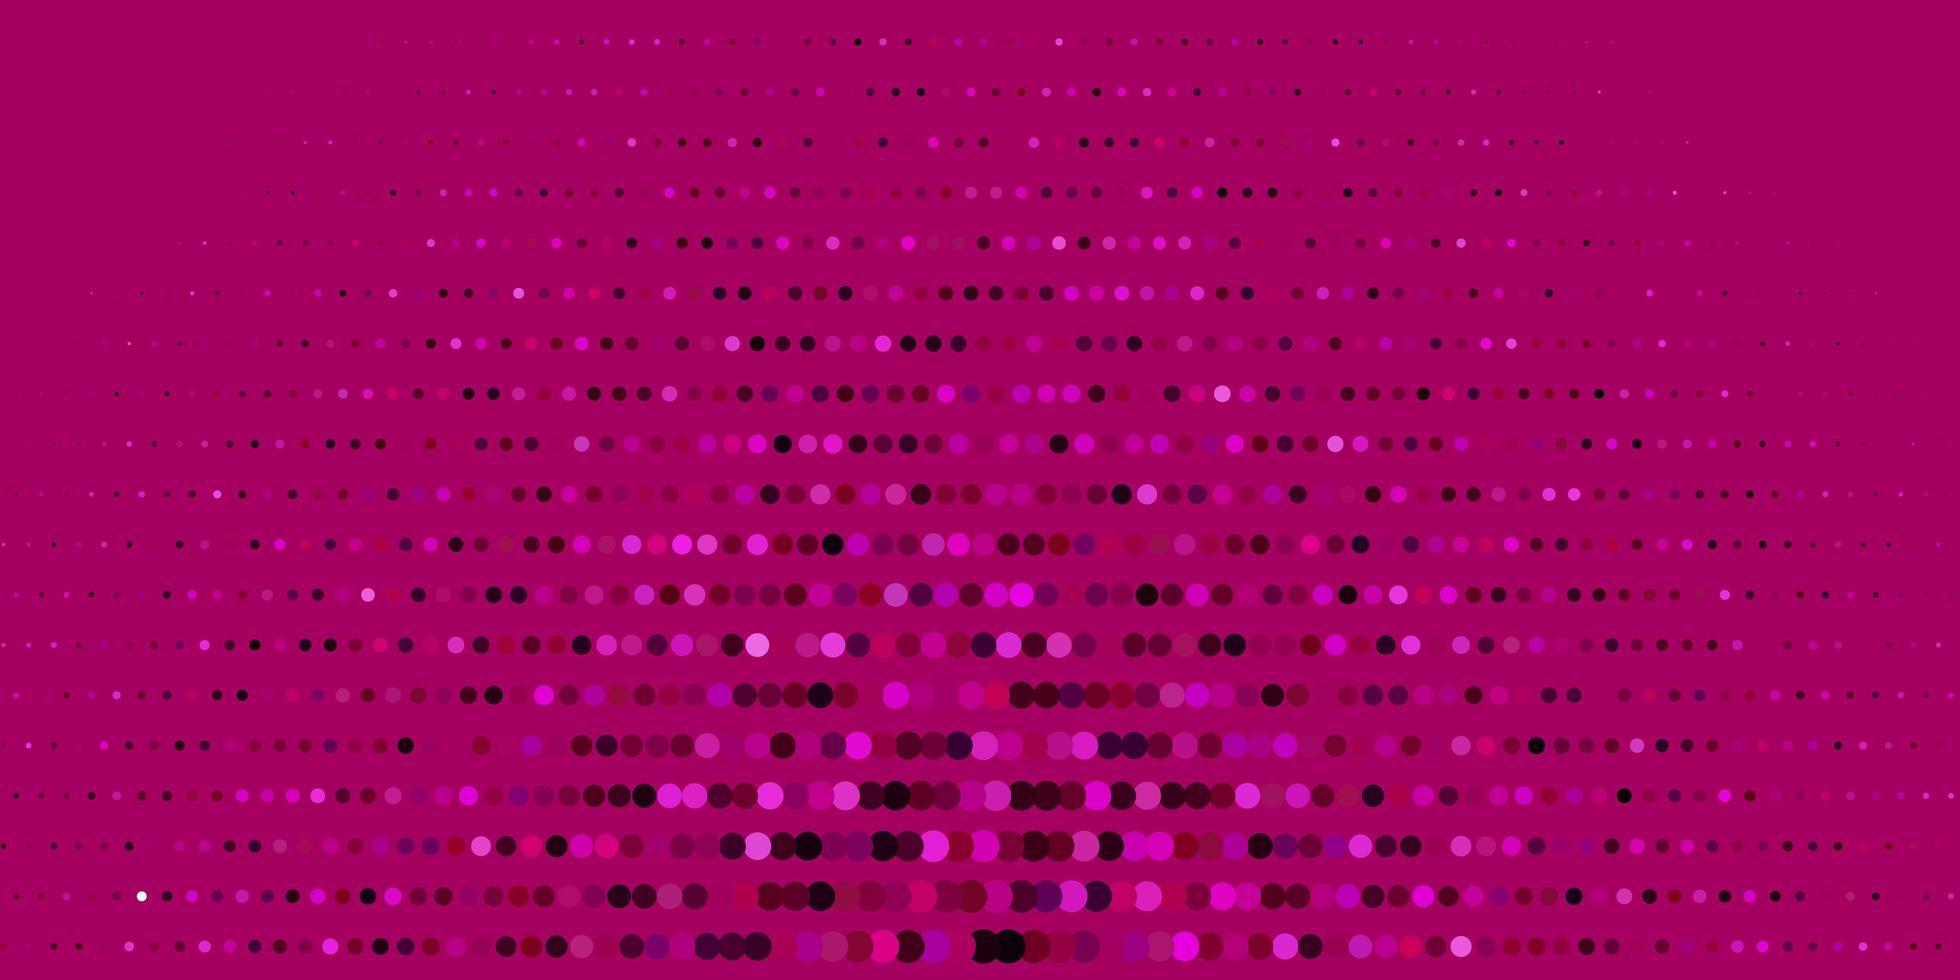 modello vettoriale rosa scuro con sfere.